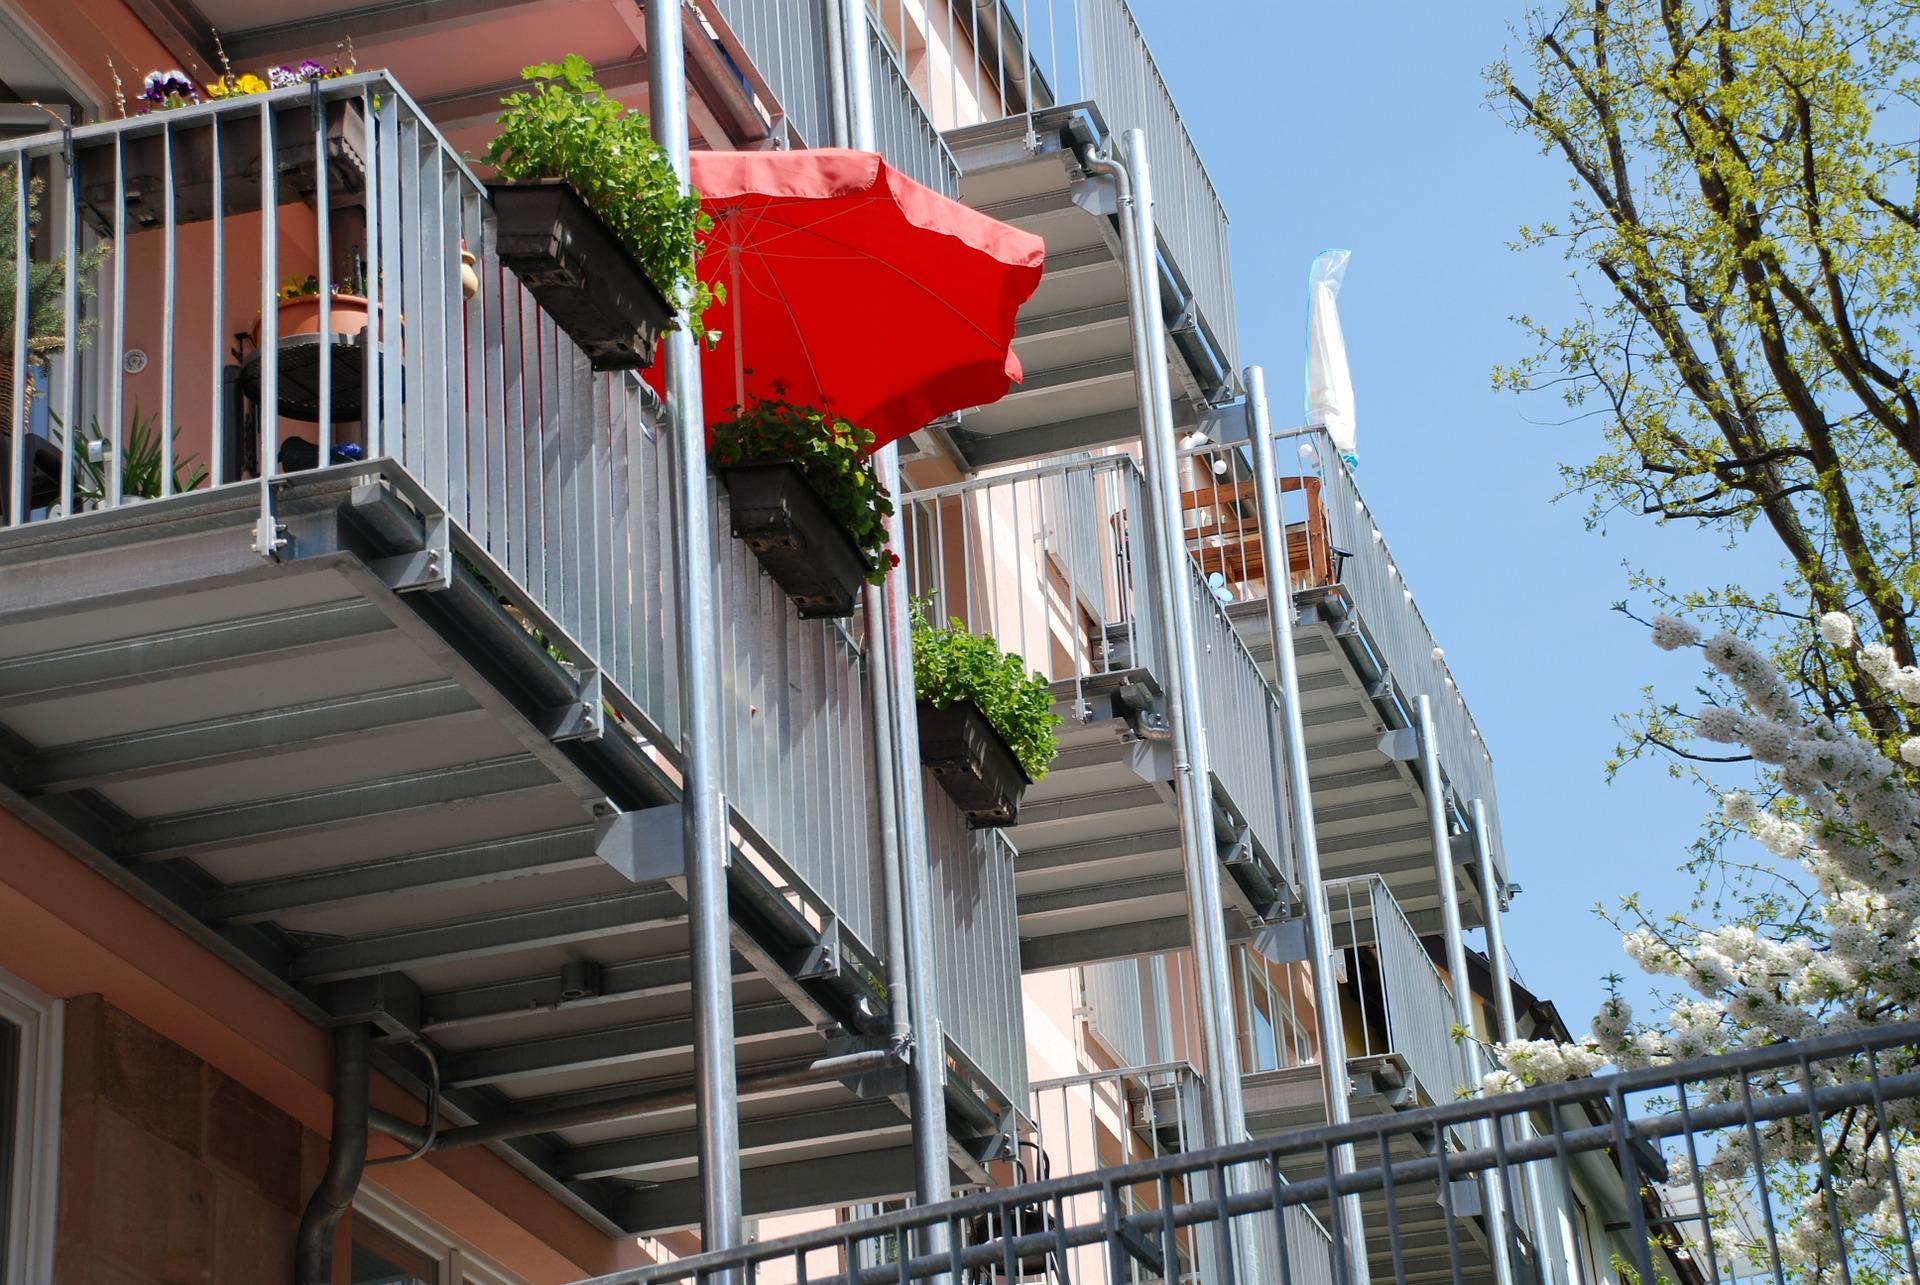 Sichtschutz Balkon Schutz vor Blicken